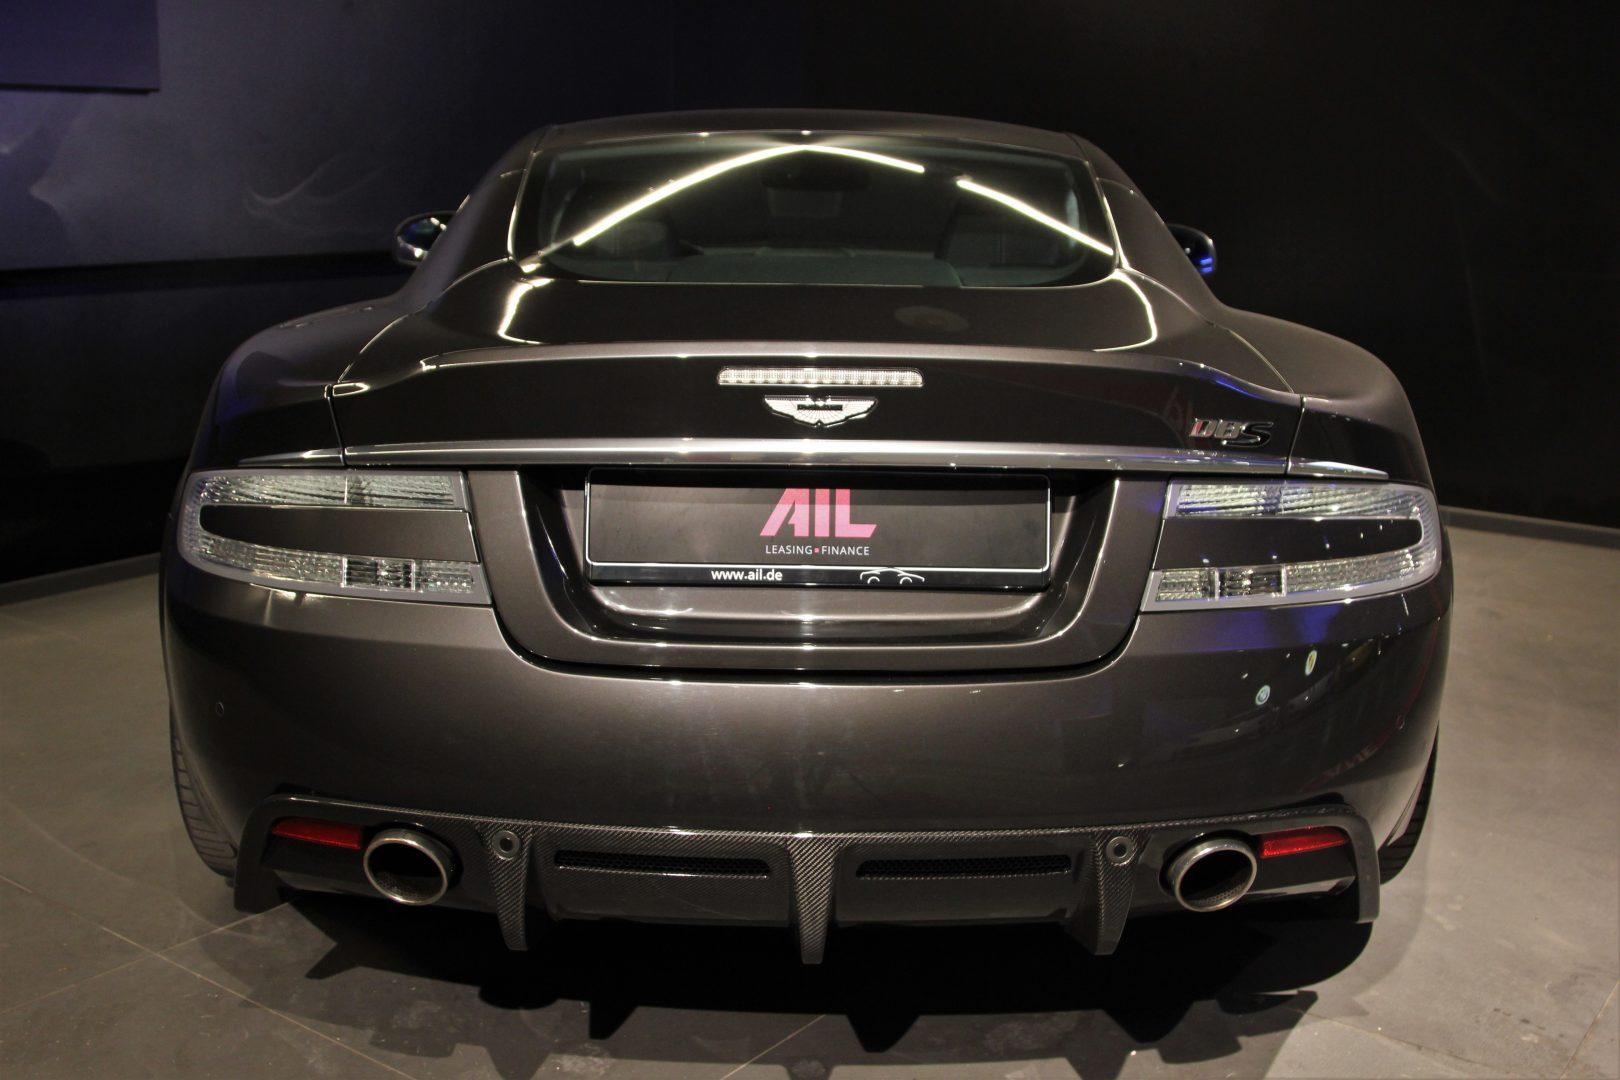 AIL Aston Martin DBS  7